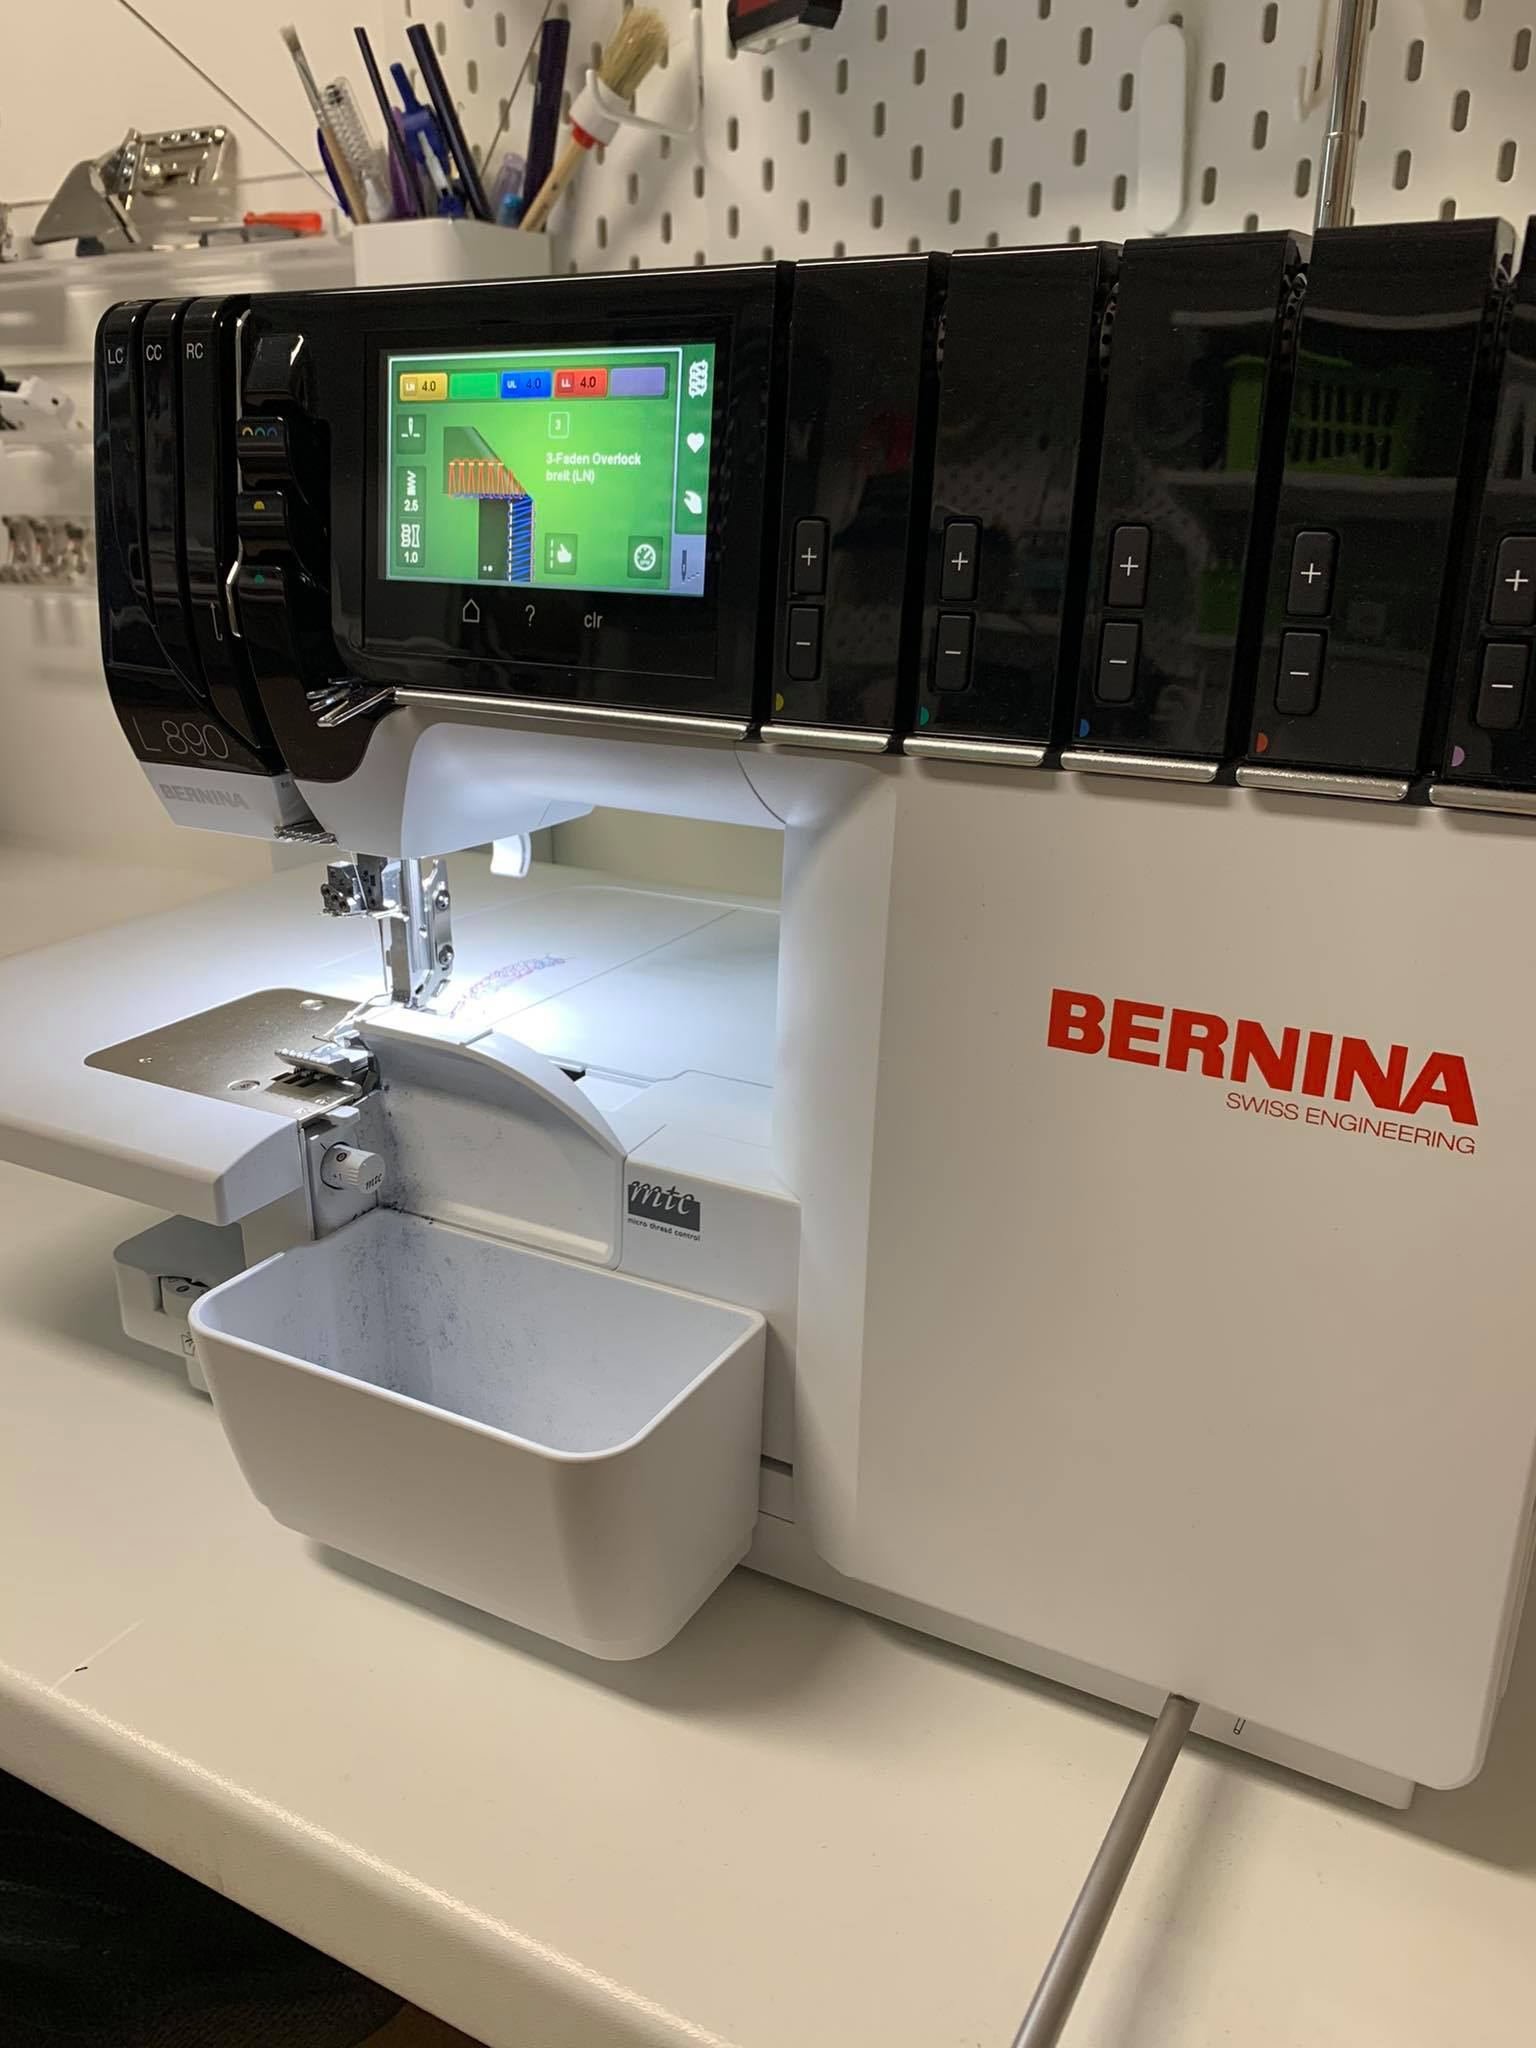 Die BERNINA L890 Coverlock im Test bei der Redaktion – Fazit